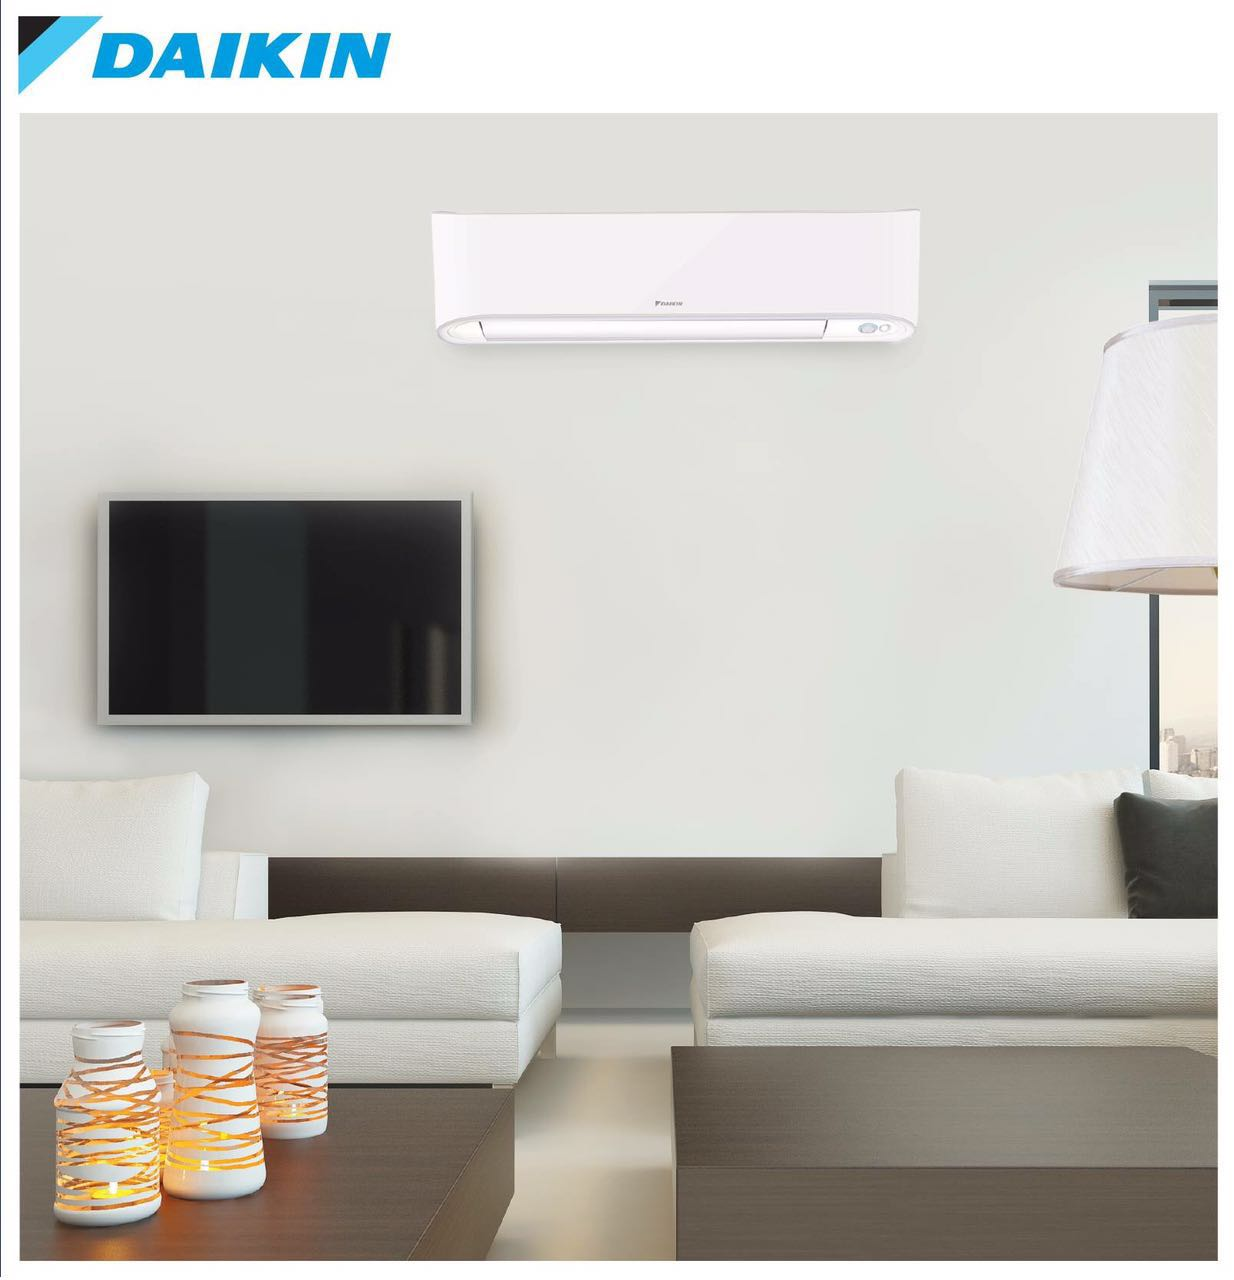 daikin001